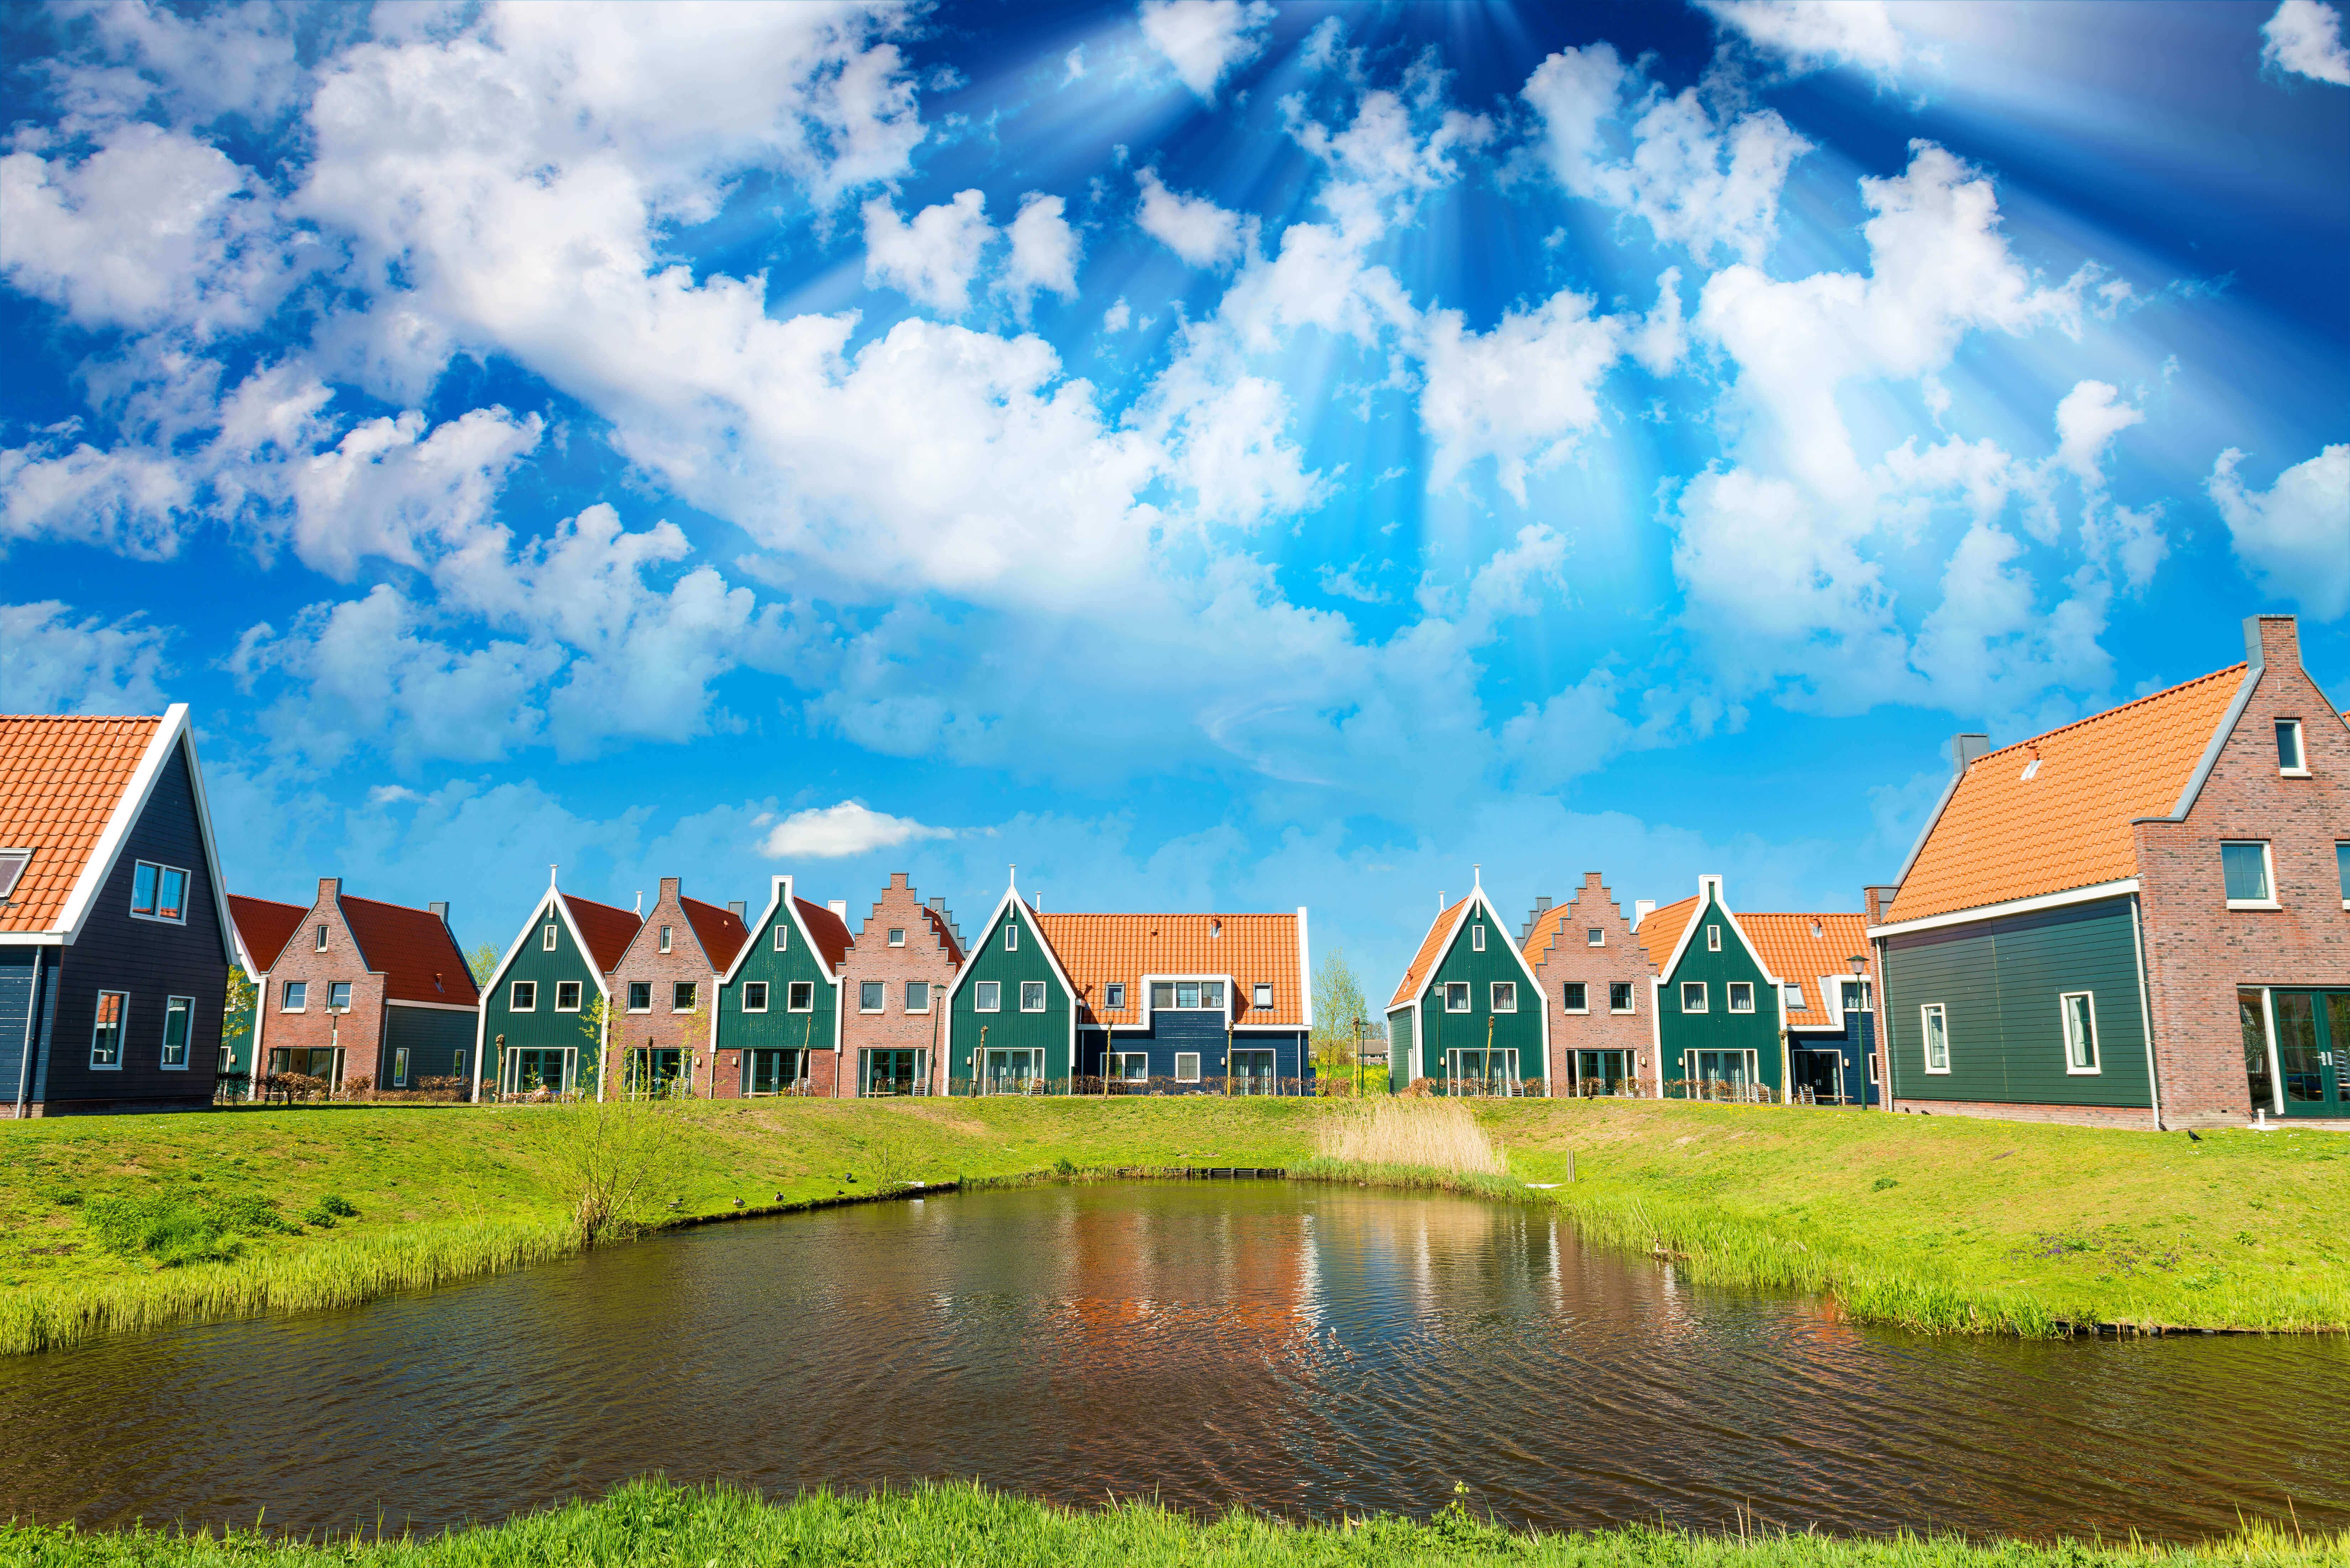 4 חופשה משפחתית בהולנד, כולל יולי-אוגוסט וראש השנה